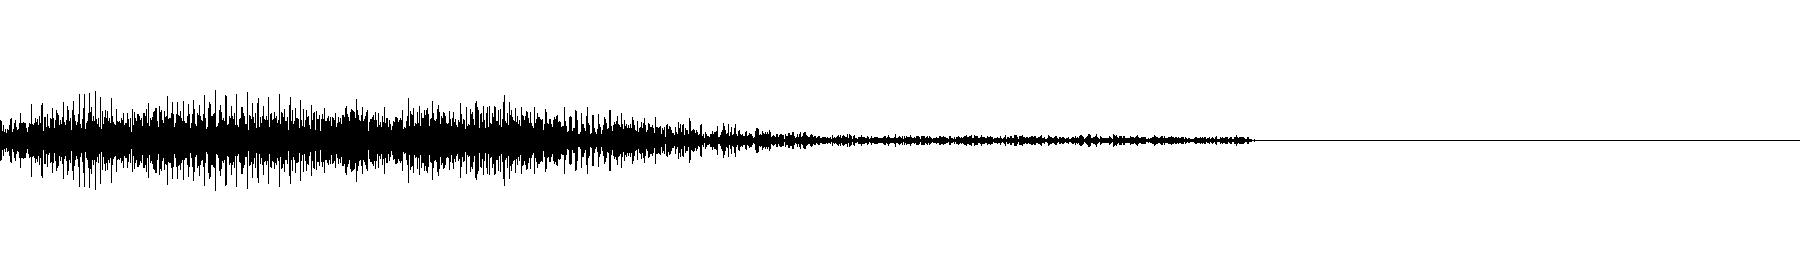 bendystring